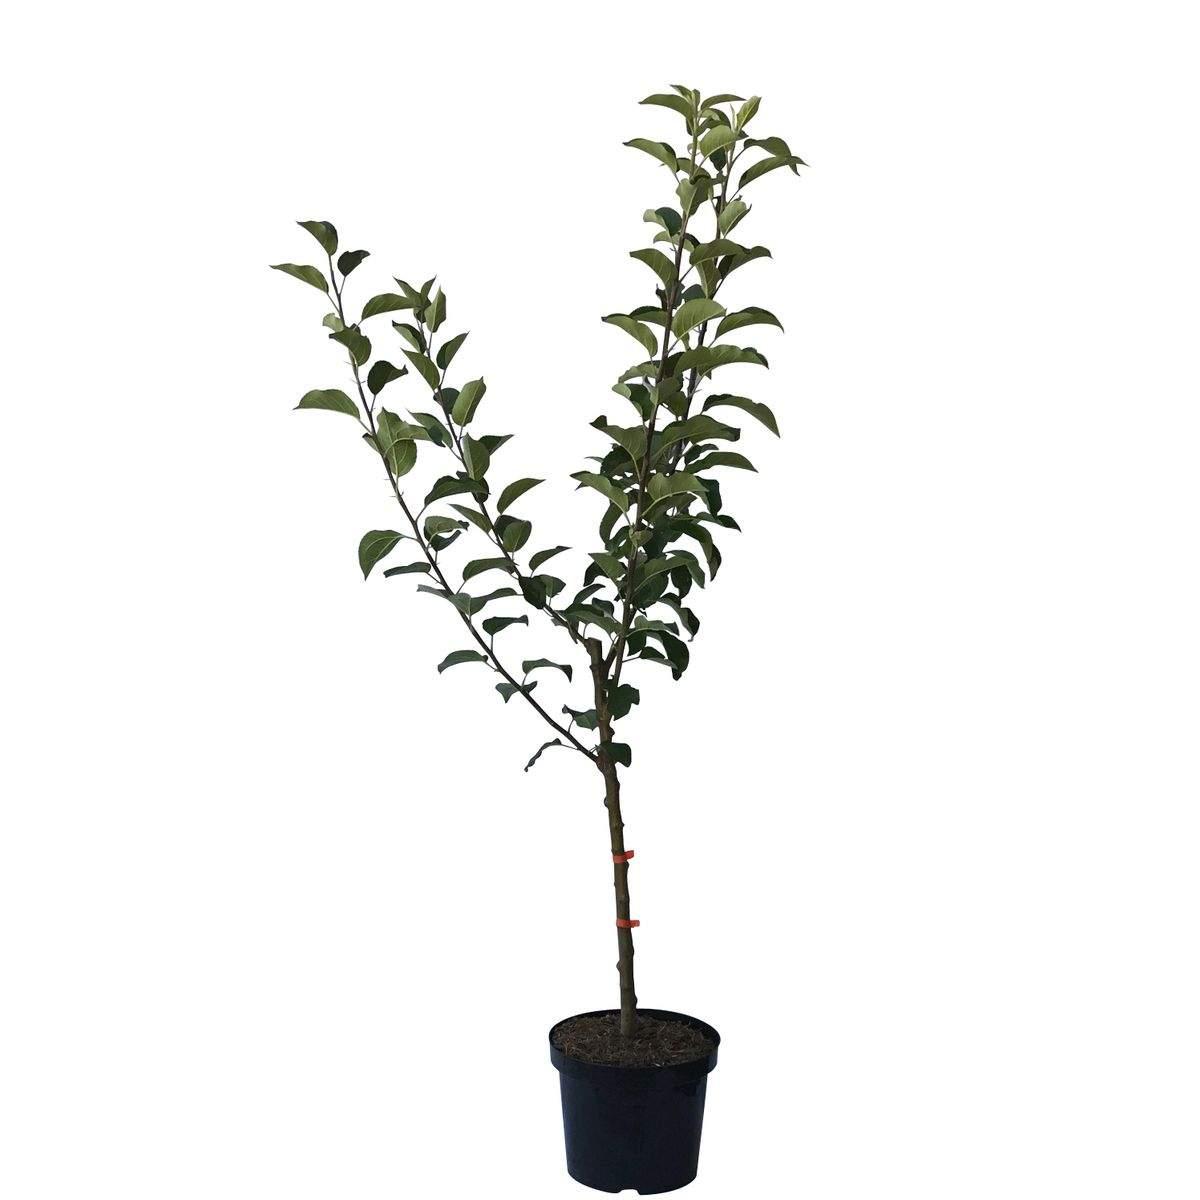 familienbaum vierling apfelbaum s1 klarapfel james grieve goldparmane 5187